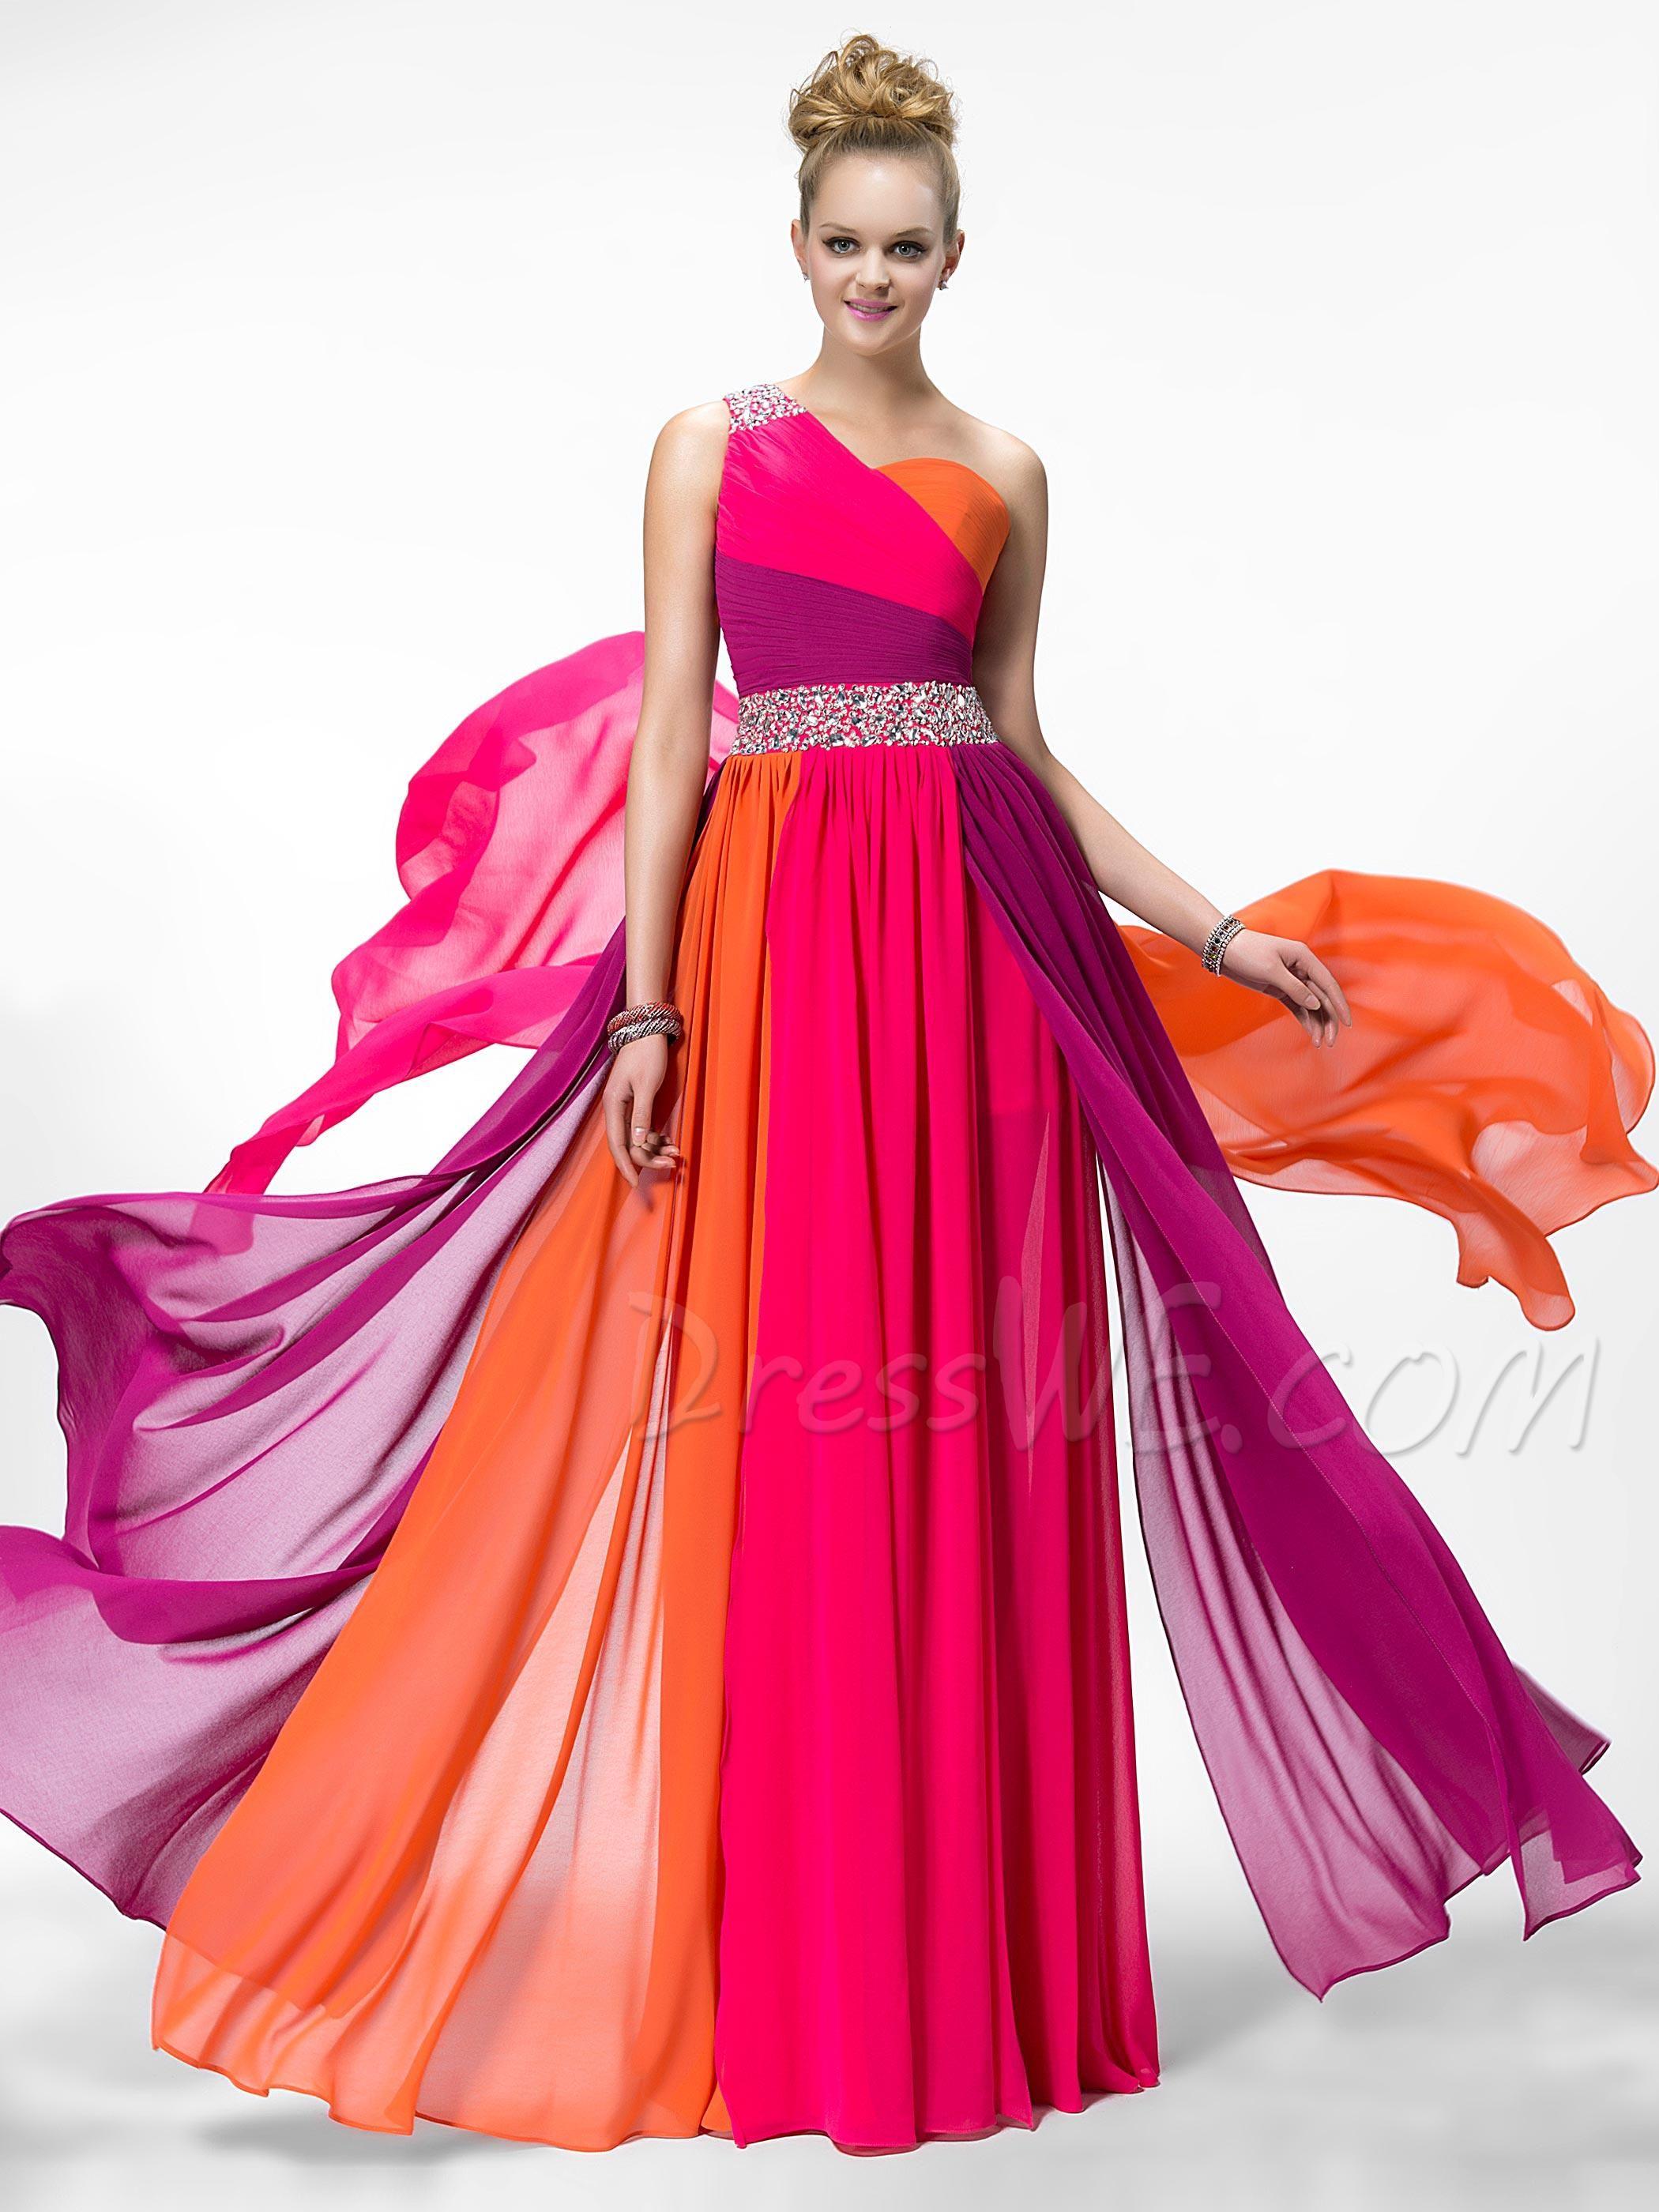 Único Vestidos De Novia Dyeable Ornamento - Colección de Vestidos de ...